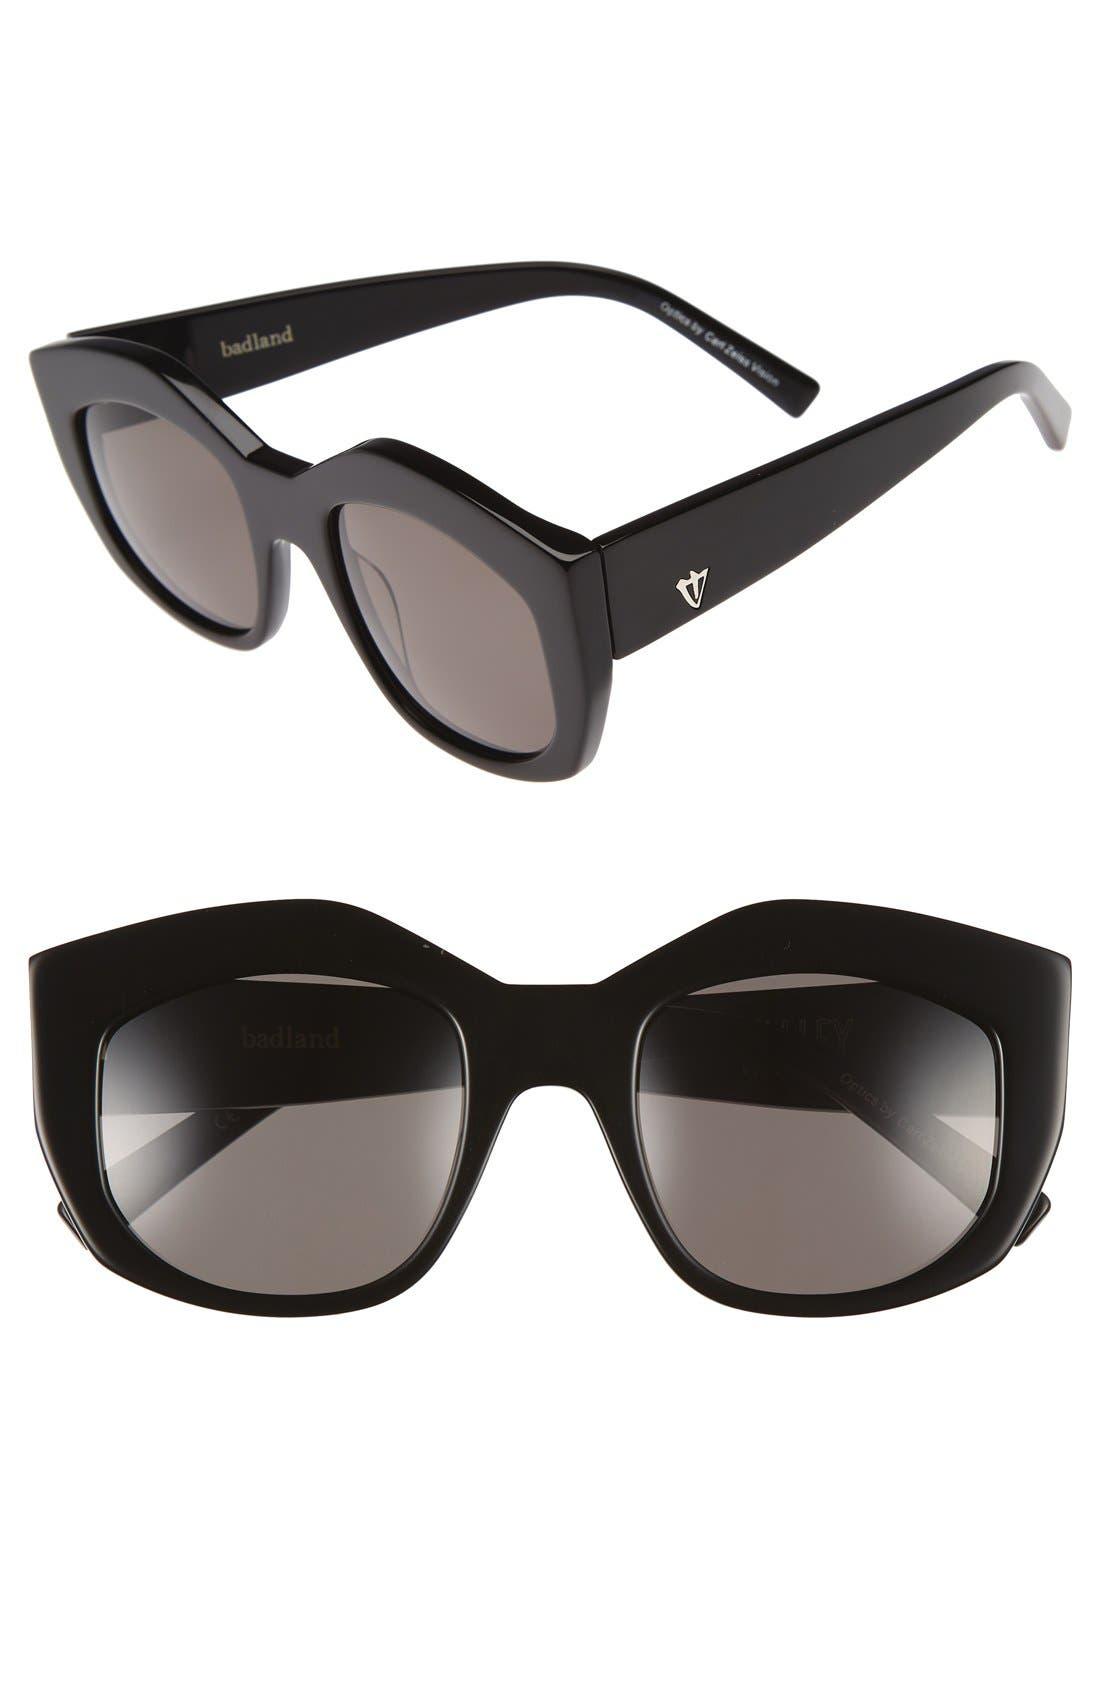 50mm Badland Sunglasses,                             Main thumbnail 1, color,                             001